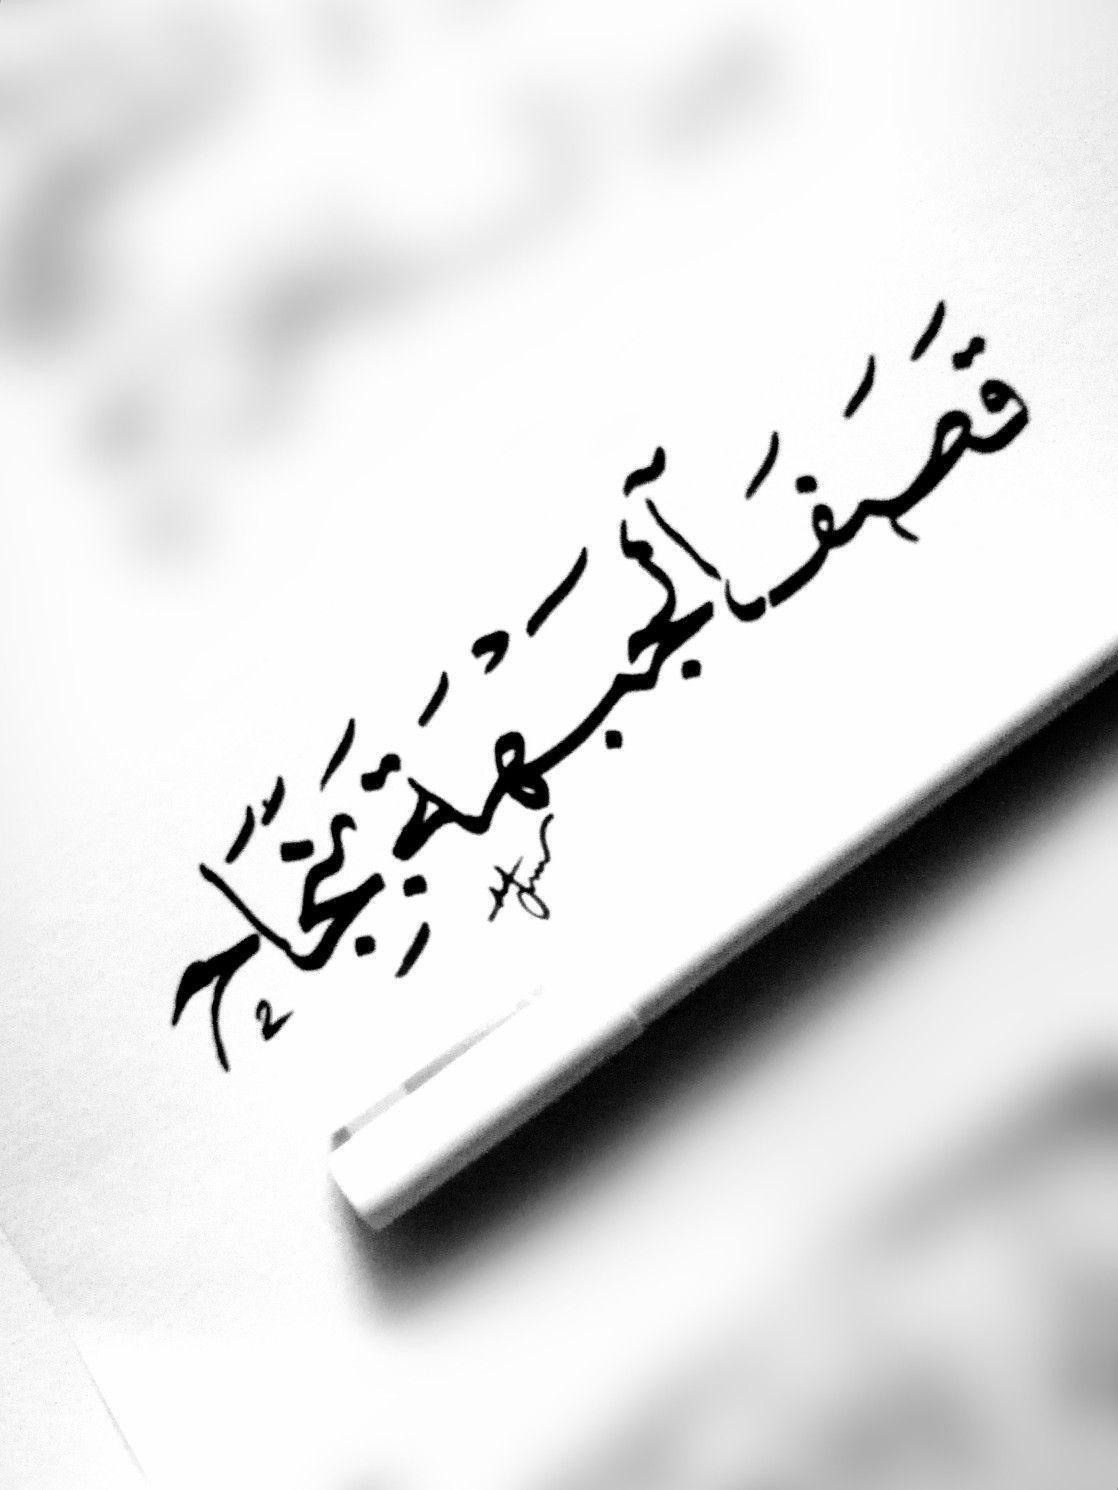 قصف الجبهة بنجاح Arabic Calligraphy Calligraphy Handwriting